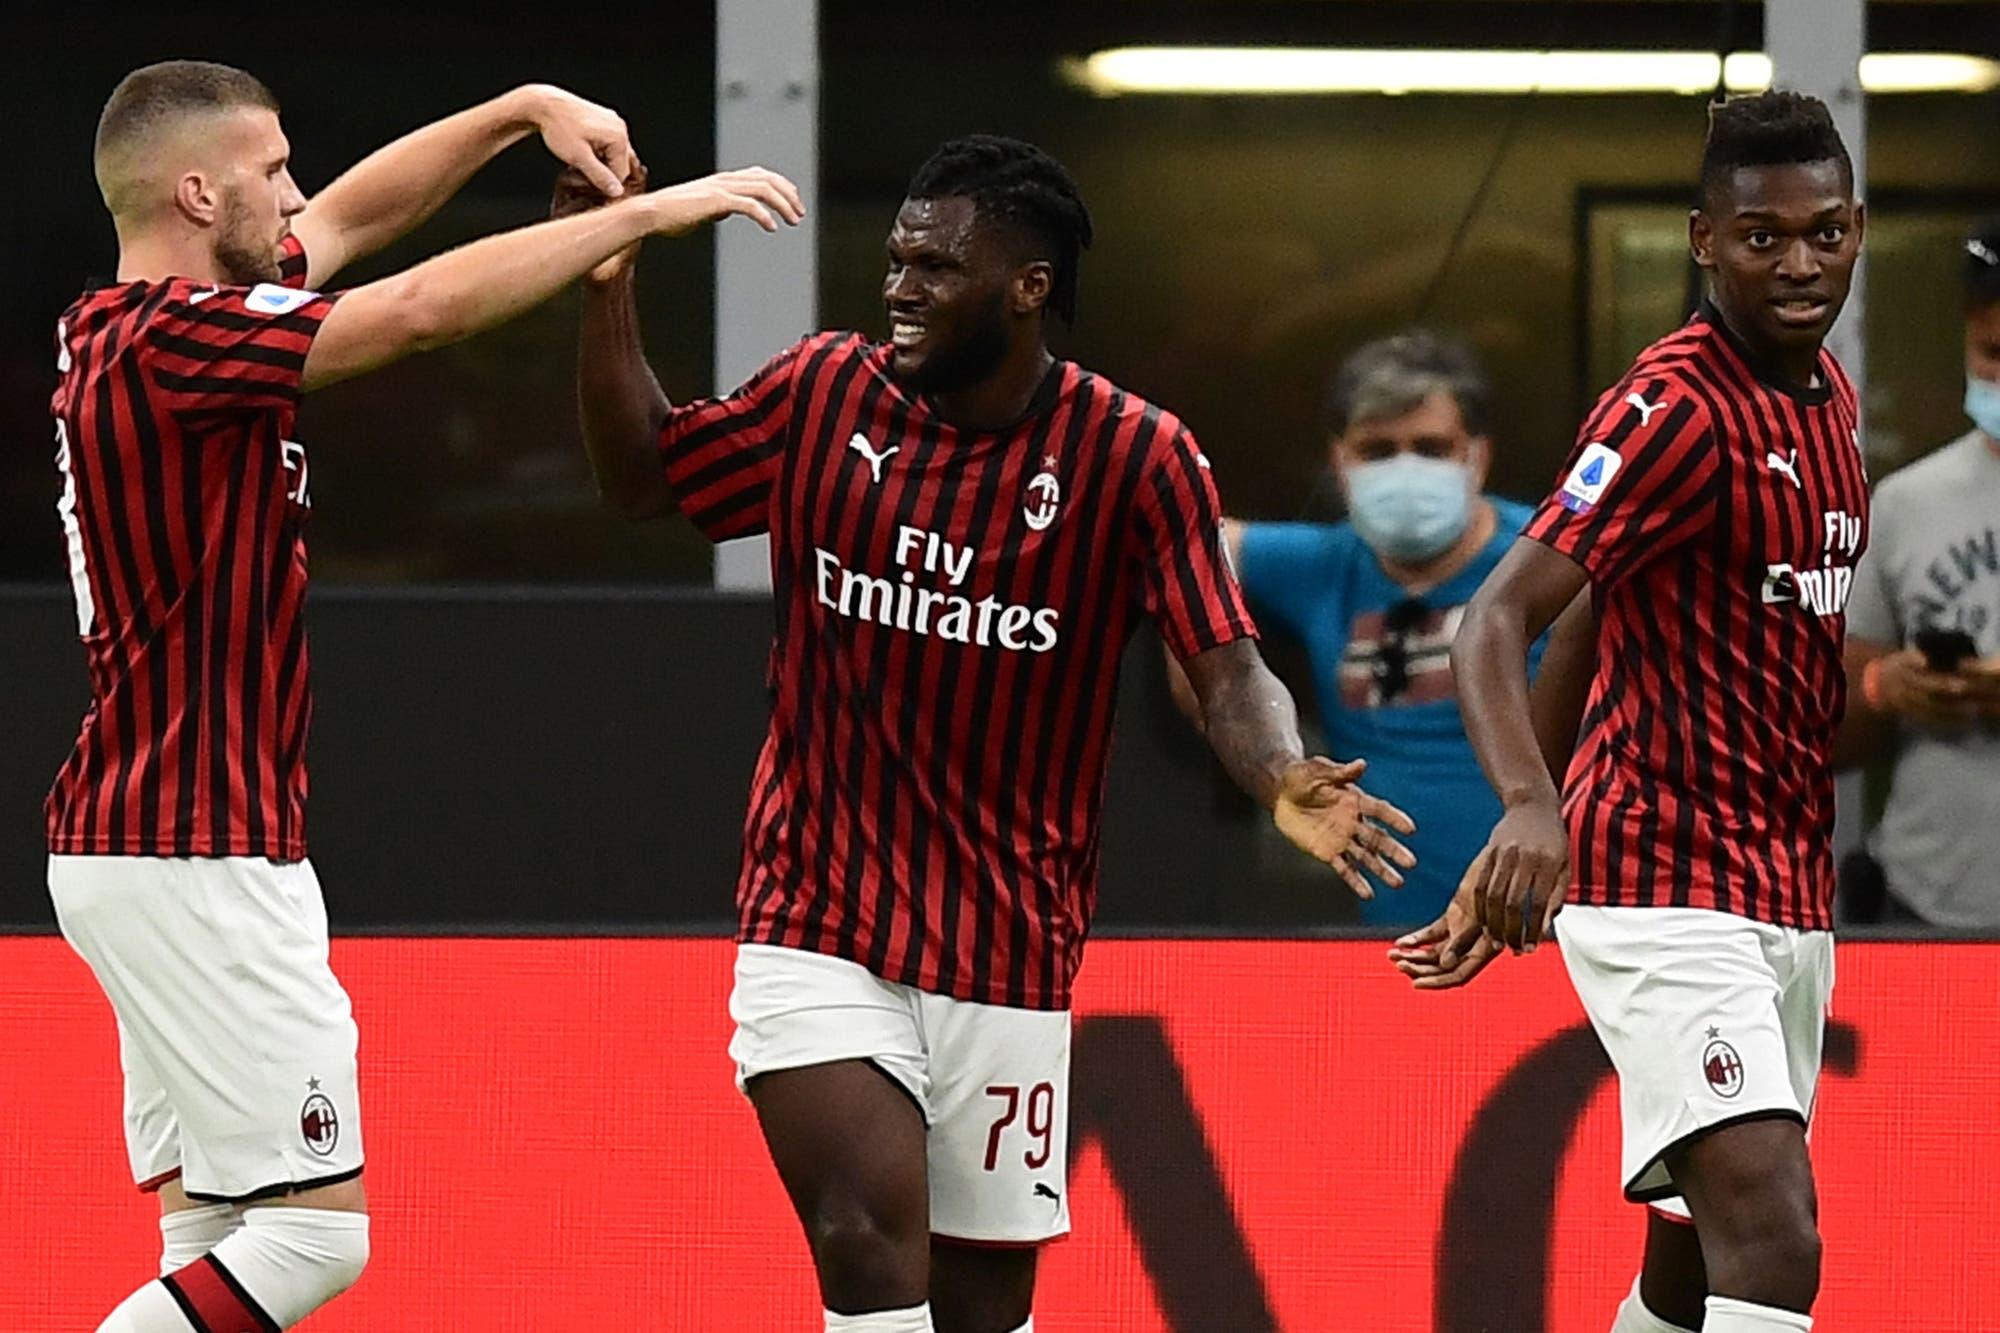 Milan-Juventus, por la Serie A de Italia: un partidazo con seis goles y caída sorpresiva de la 'Vecchia Signora'